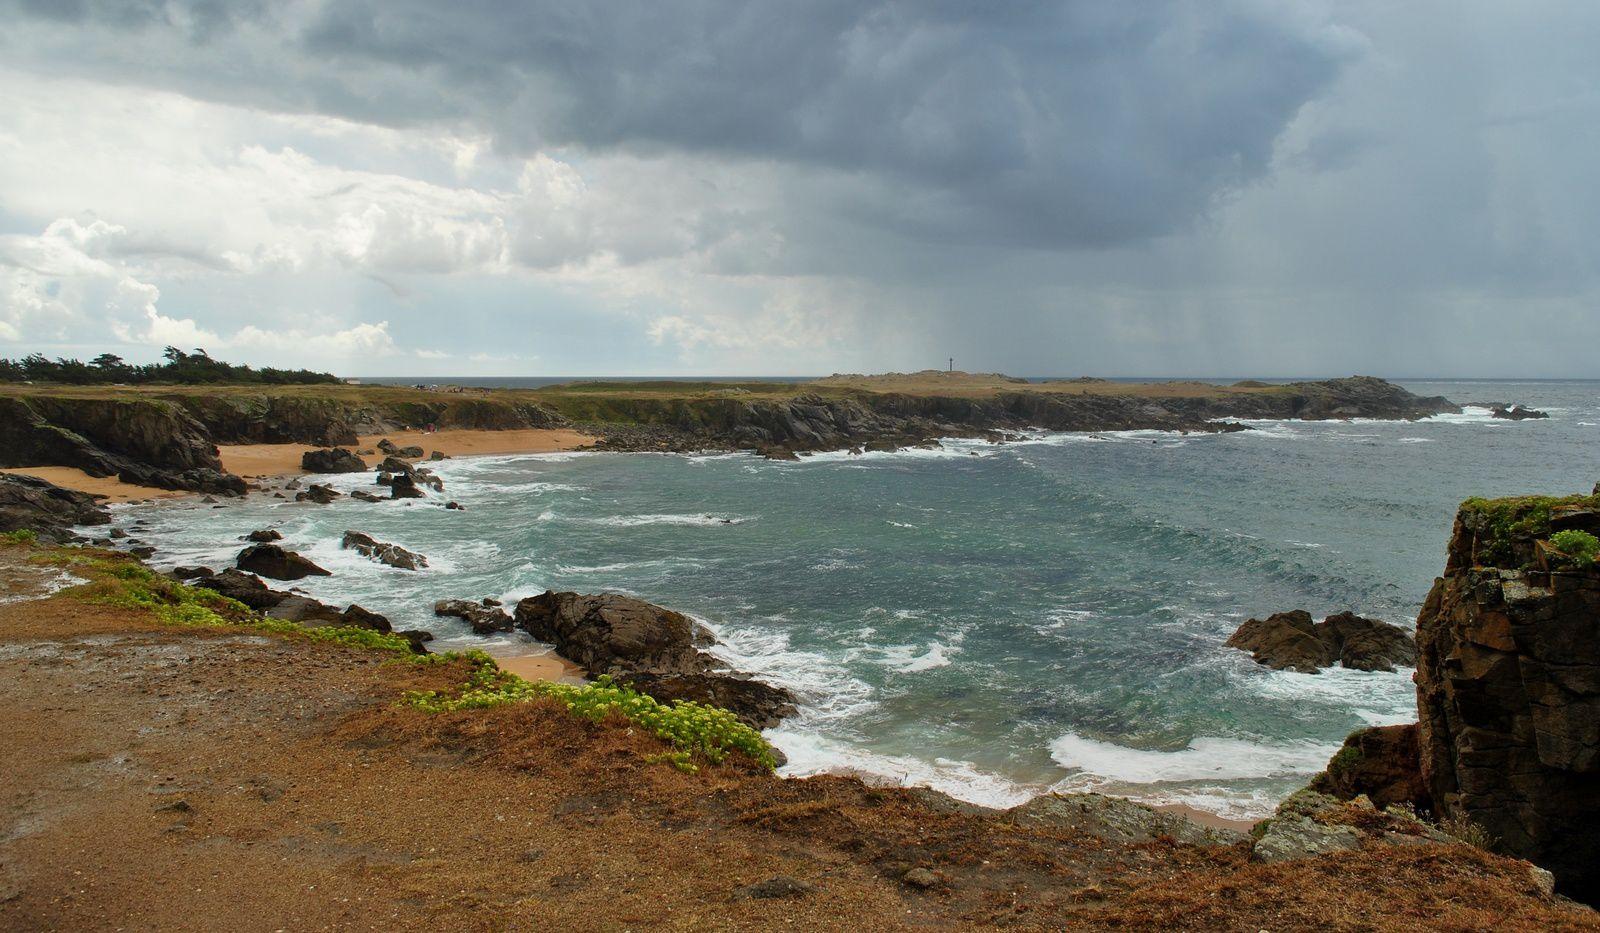 L'ile d'Yeu: La côte sauvage. (Photo prise en 2013)